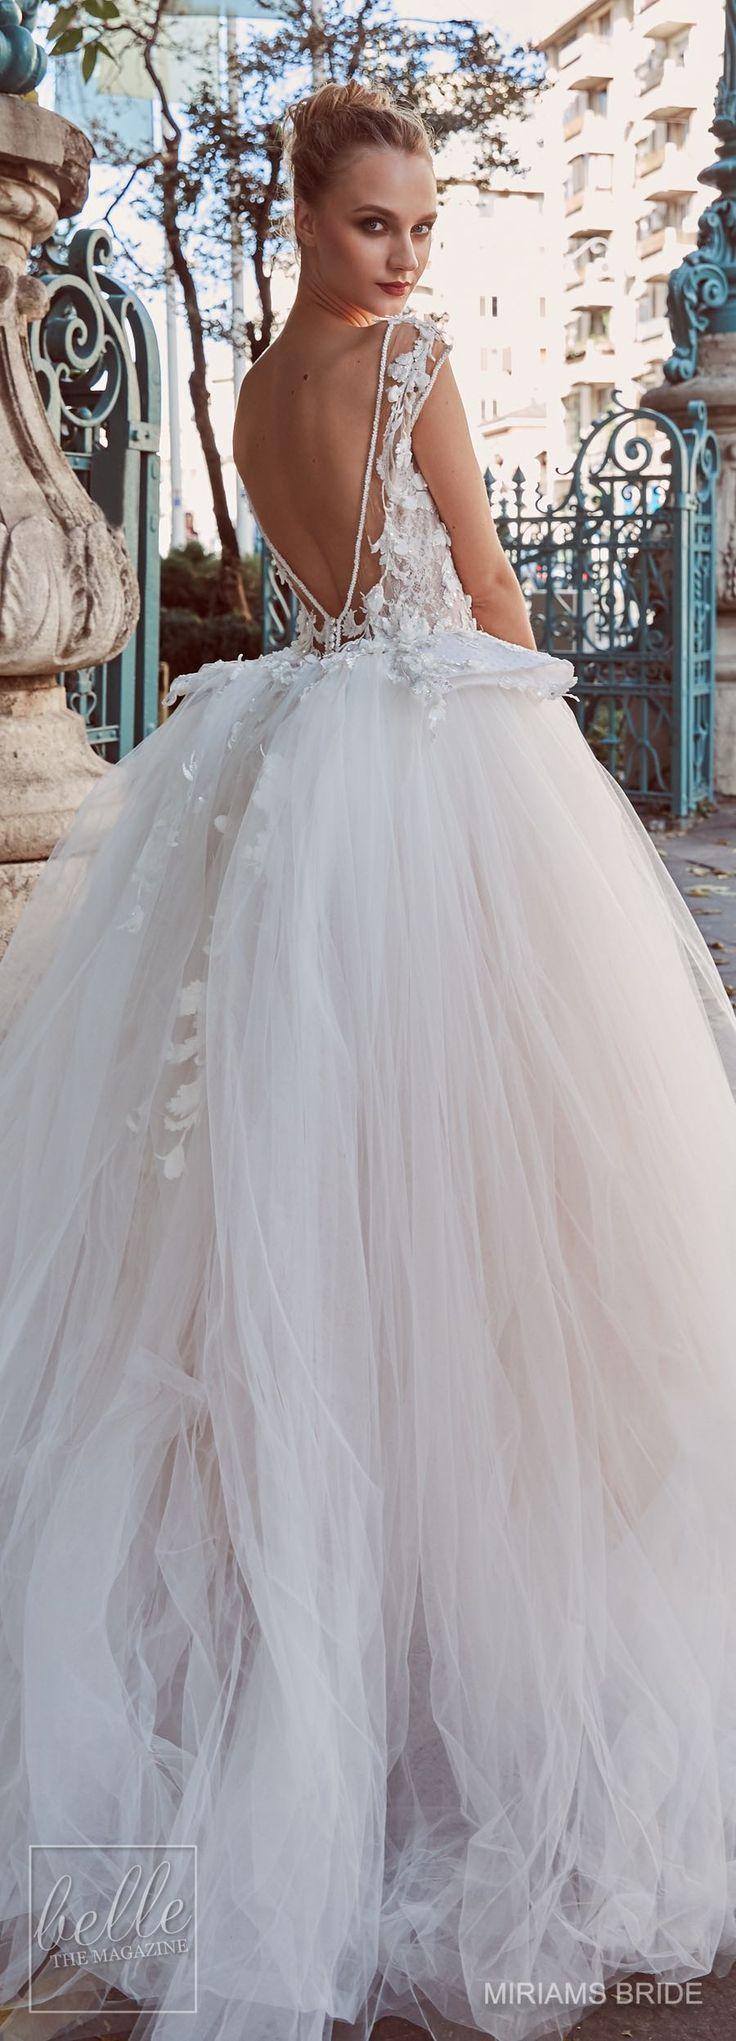 Wedding dresses by miriams bride collection vestidos